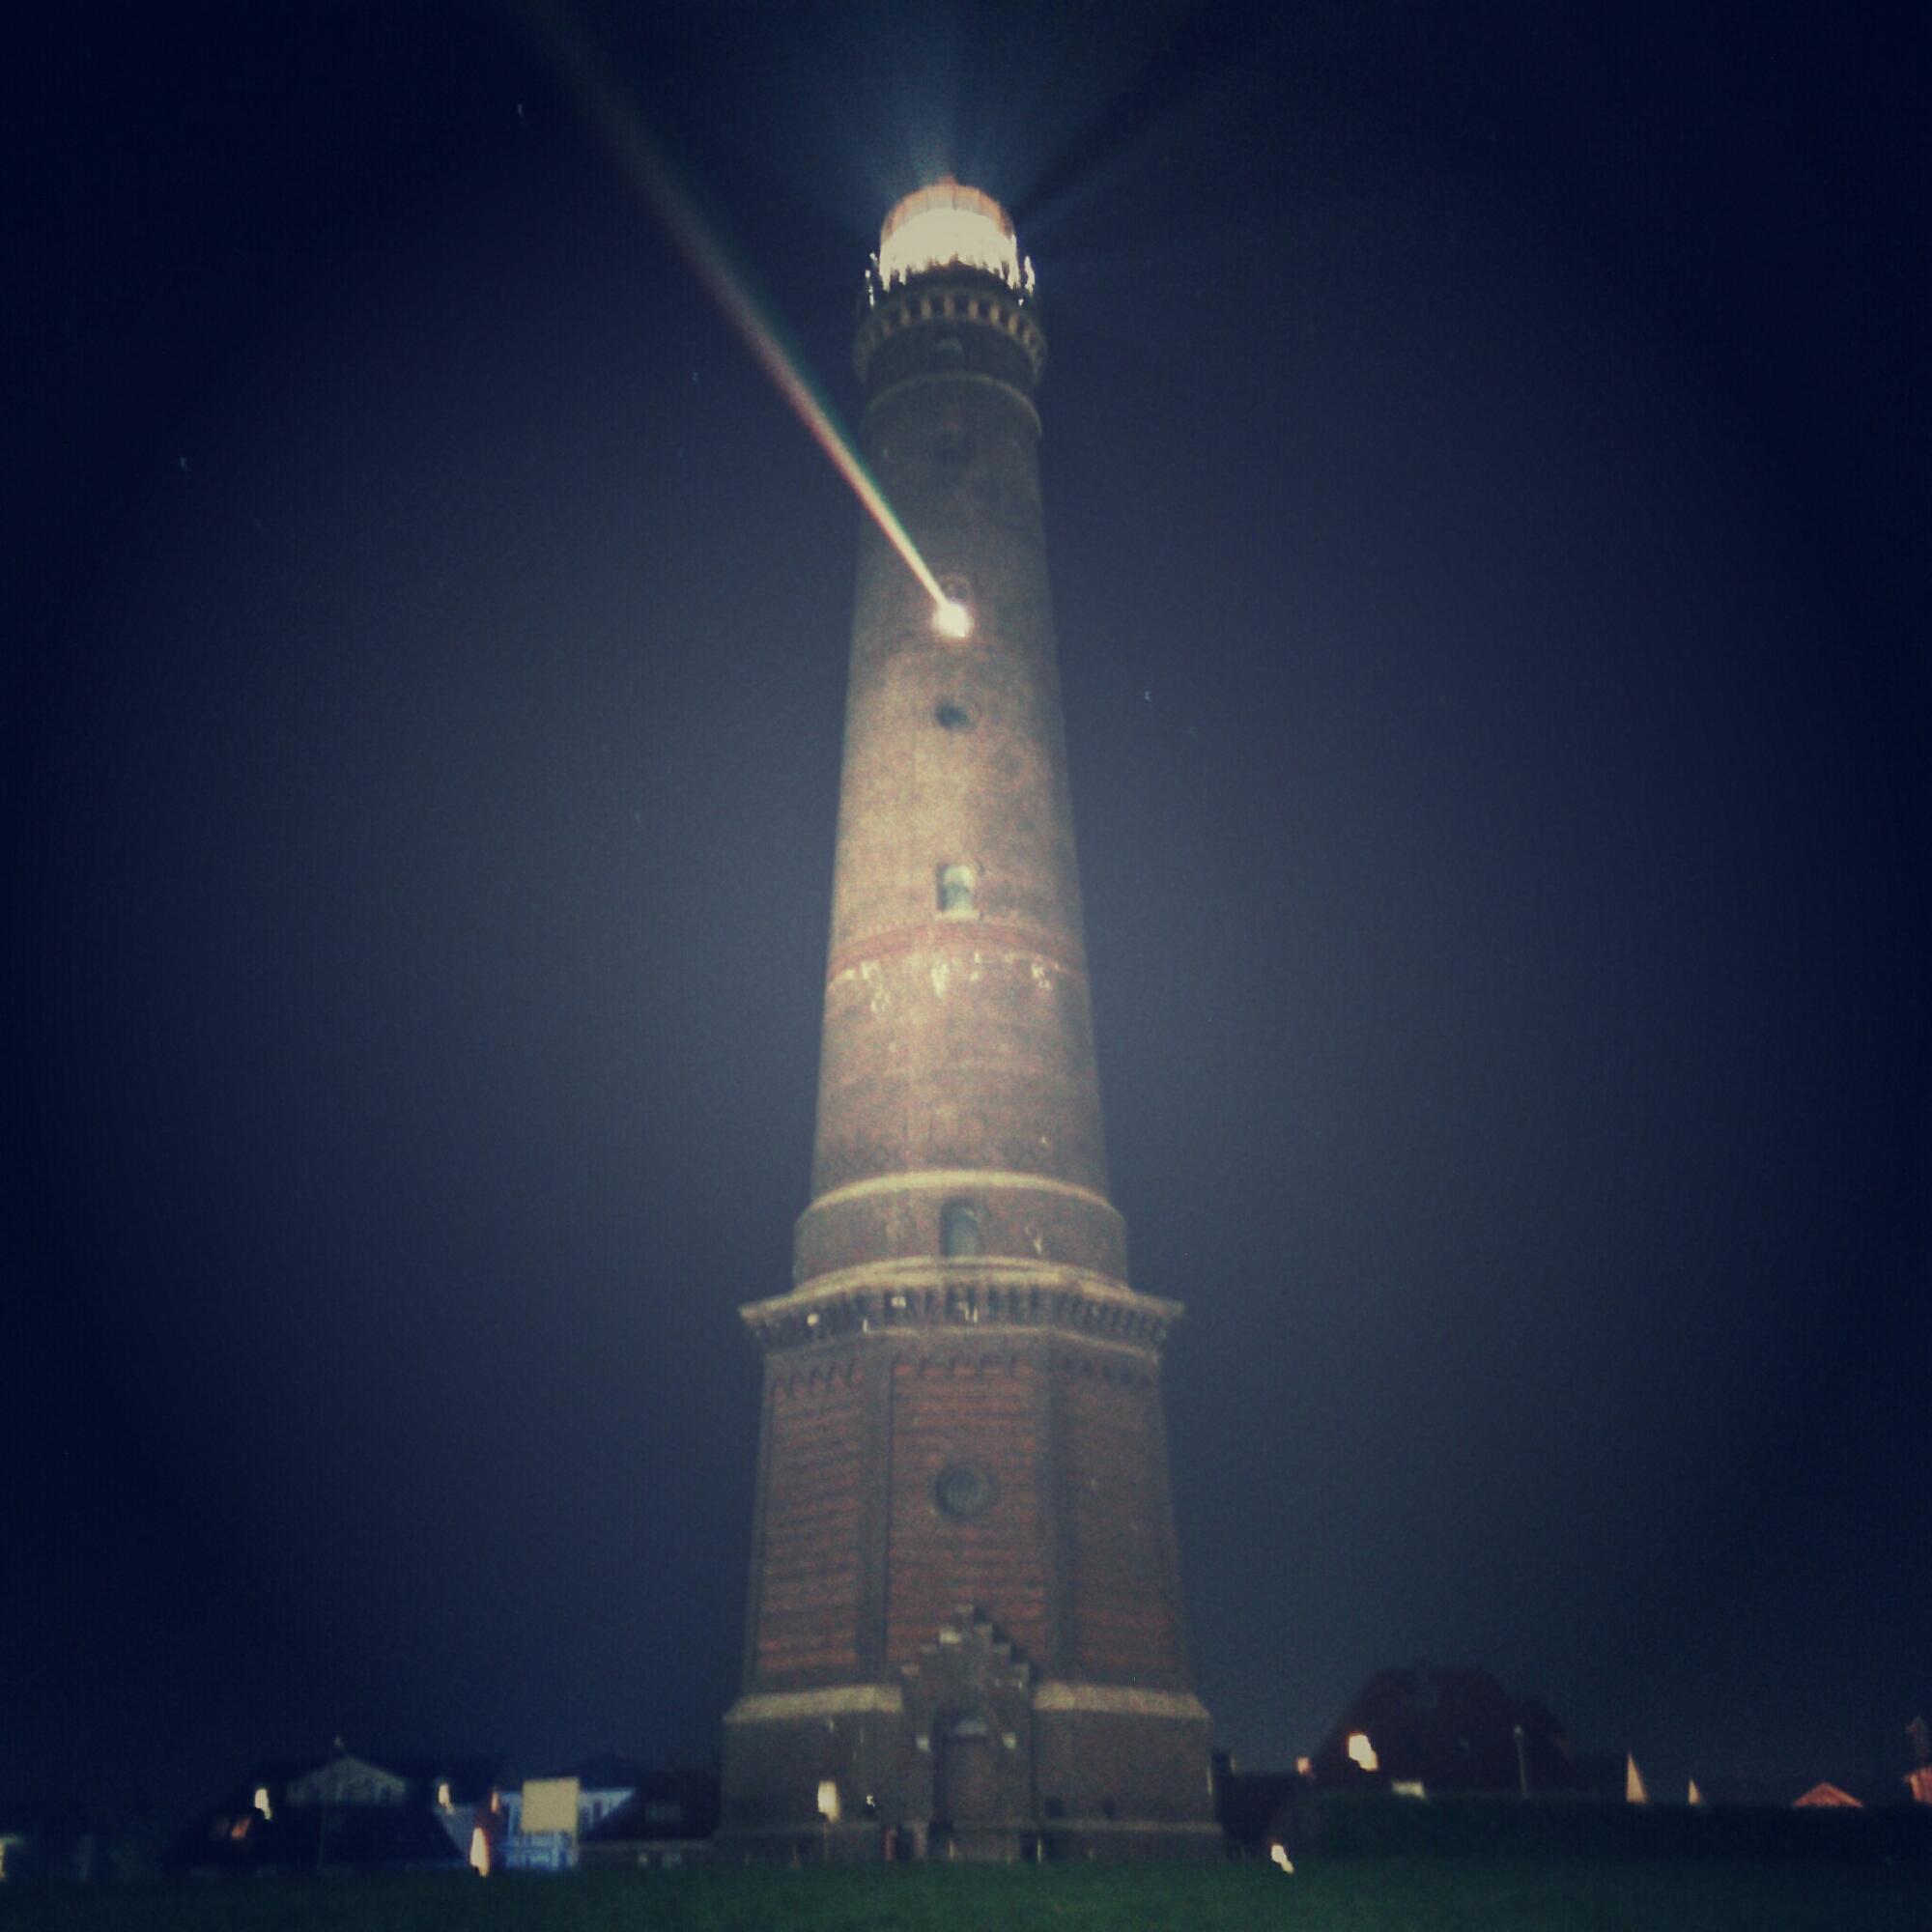 Neuer Leuchtturm Borkum bei Nacht